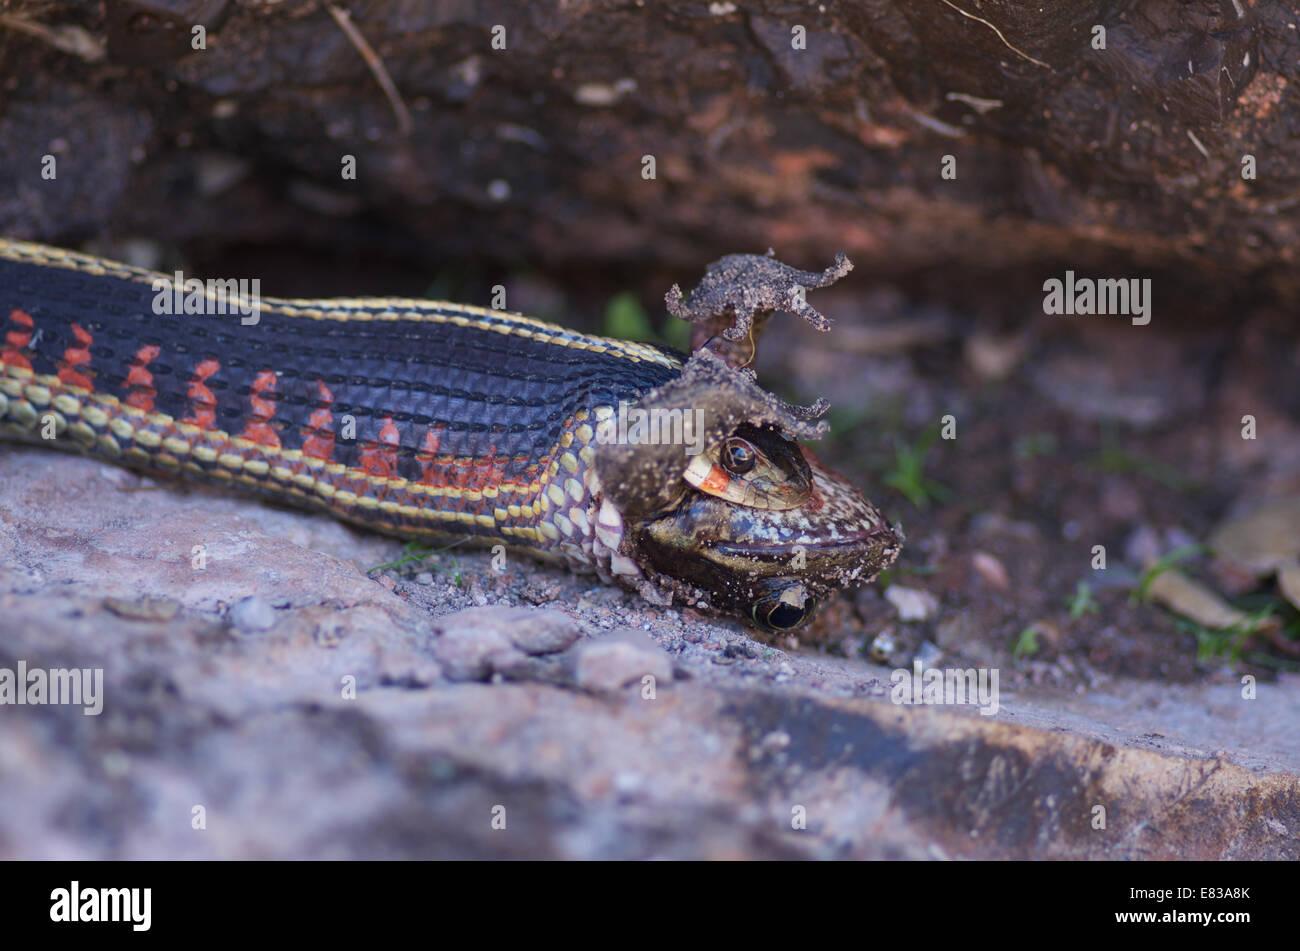 A Valley Gartersnake swallowing a California Red-legged Frog at Pinnacles National Park, San Benito County, California. - Stock Image